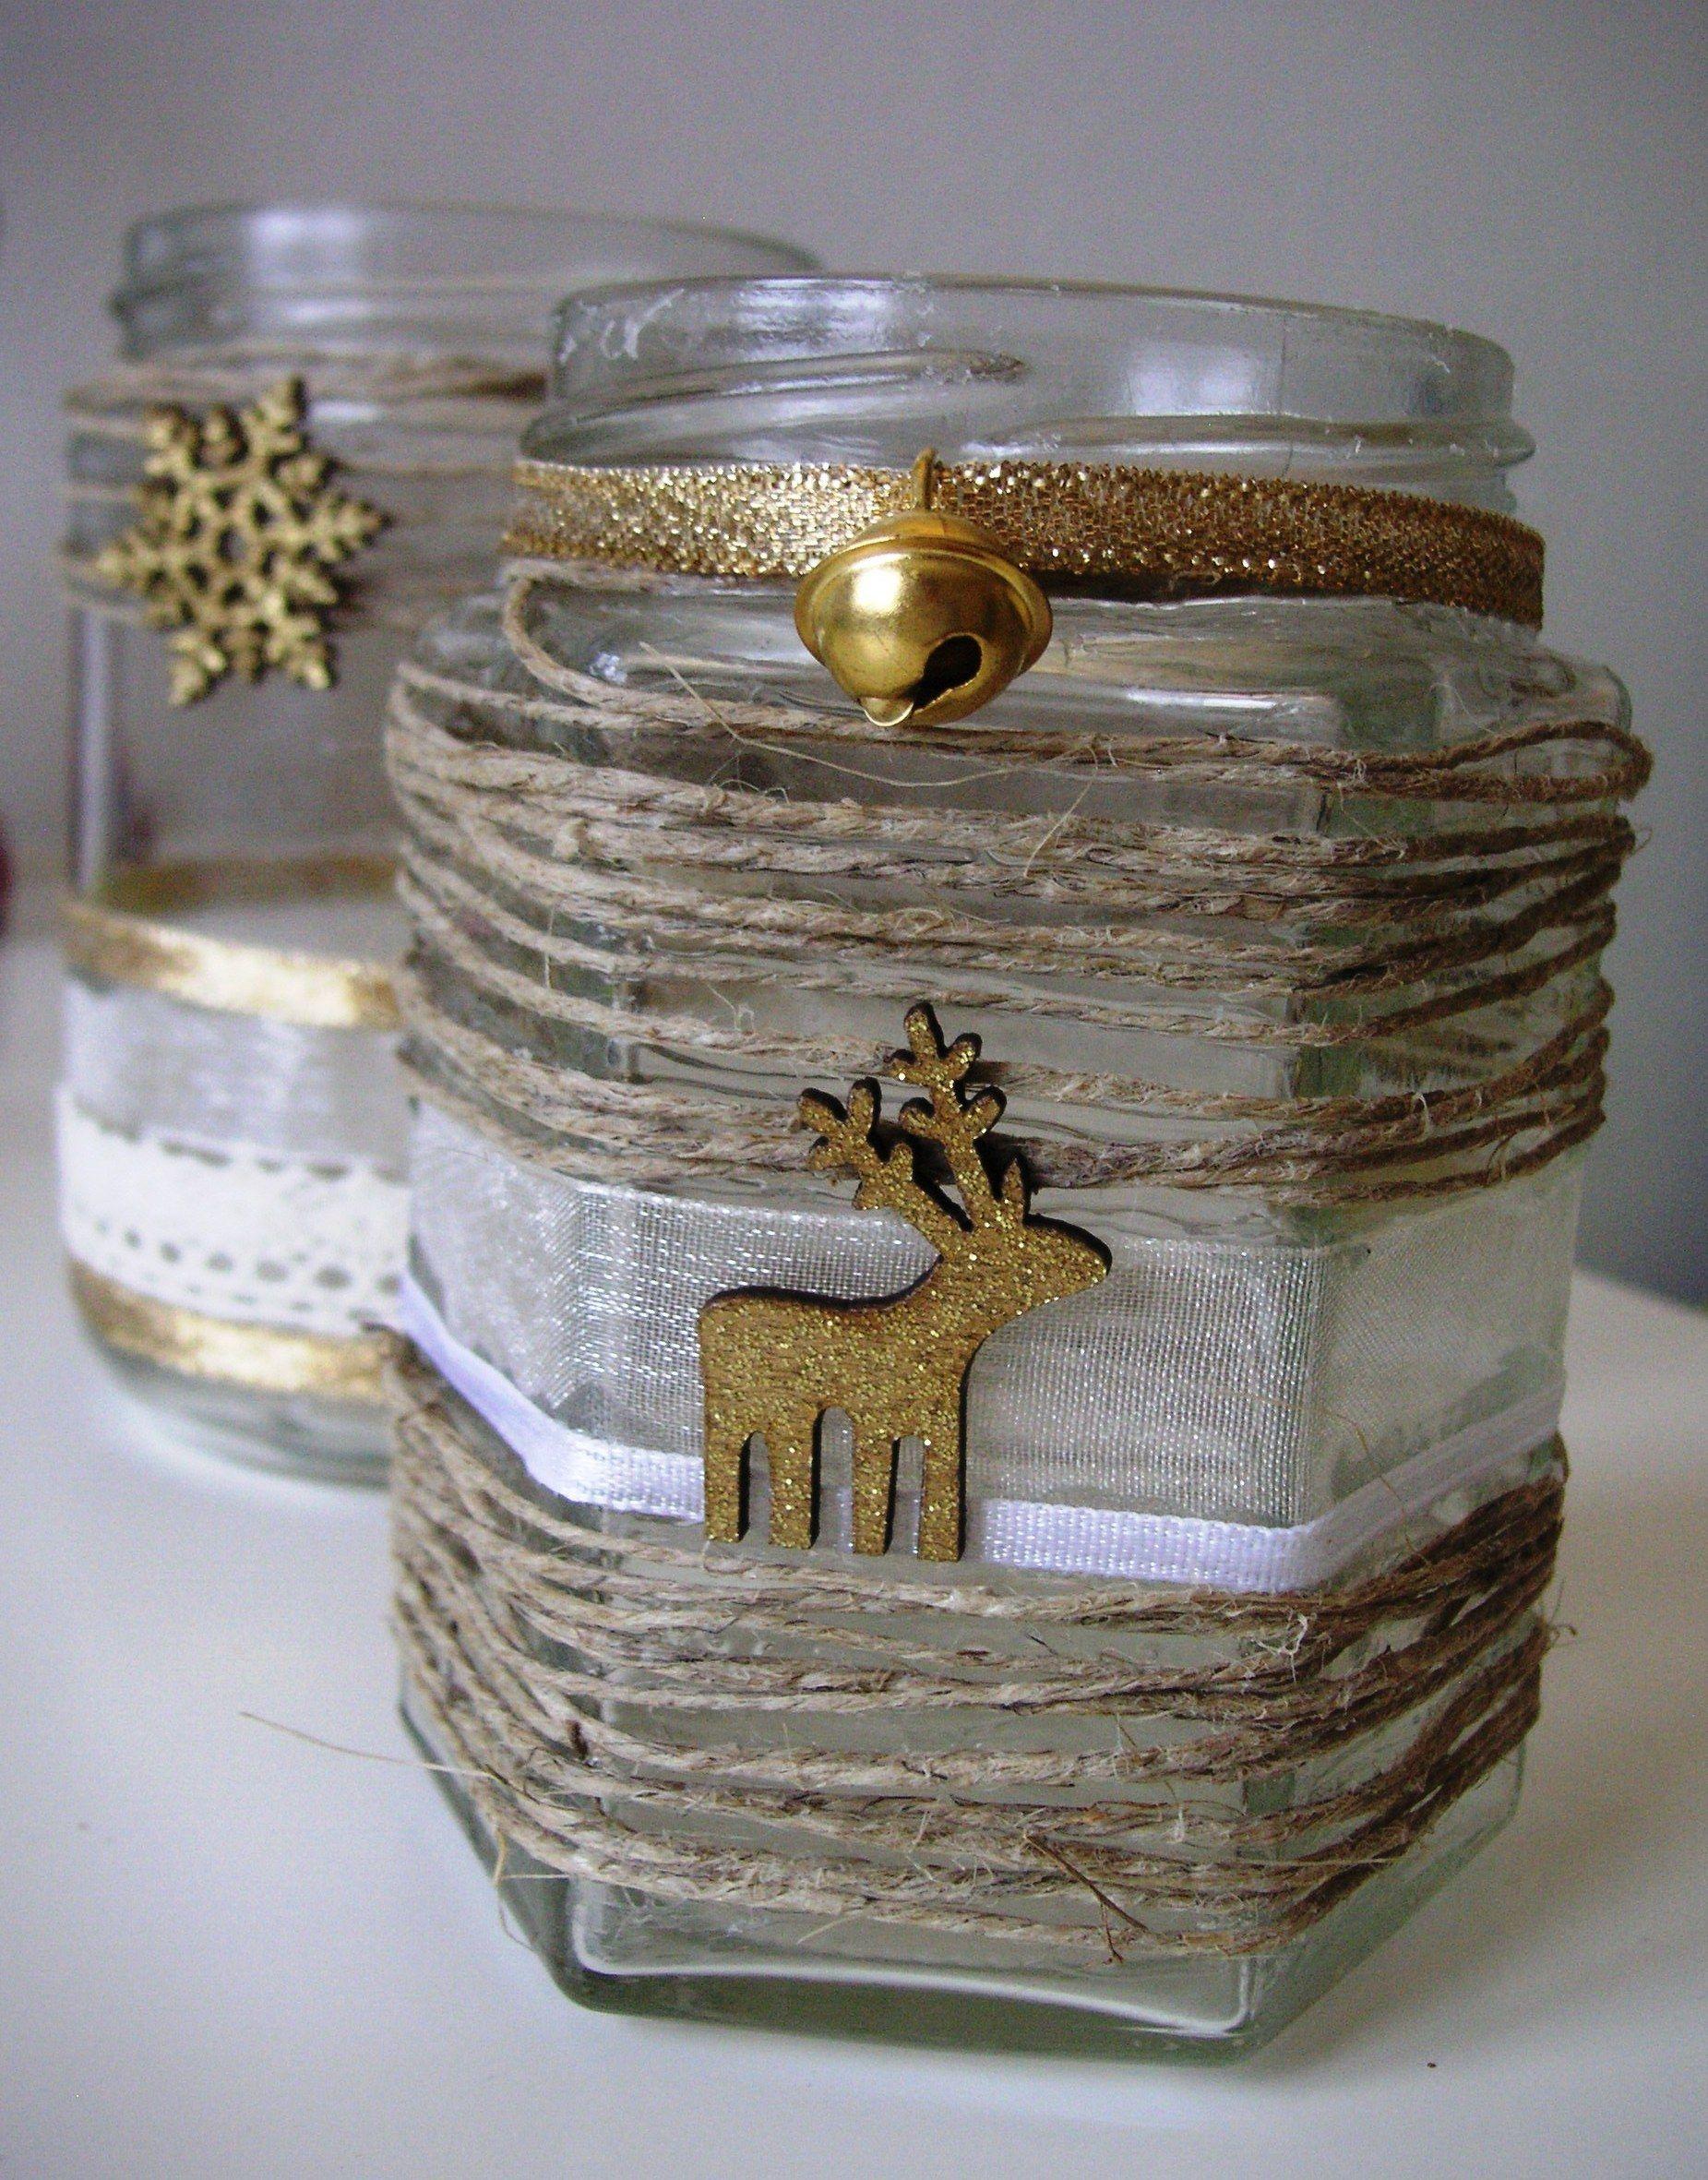 windlichter f r weihnachten 2 weihnachten pinterest weihnachten basteln weihnachten und. Black Bedroom Furniture Sets. Home Design Ideas